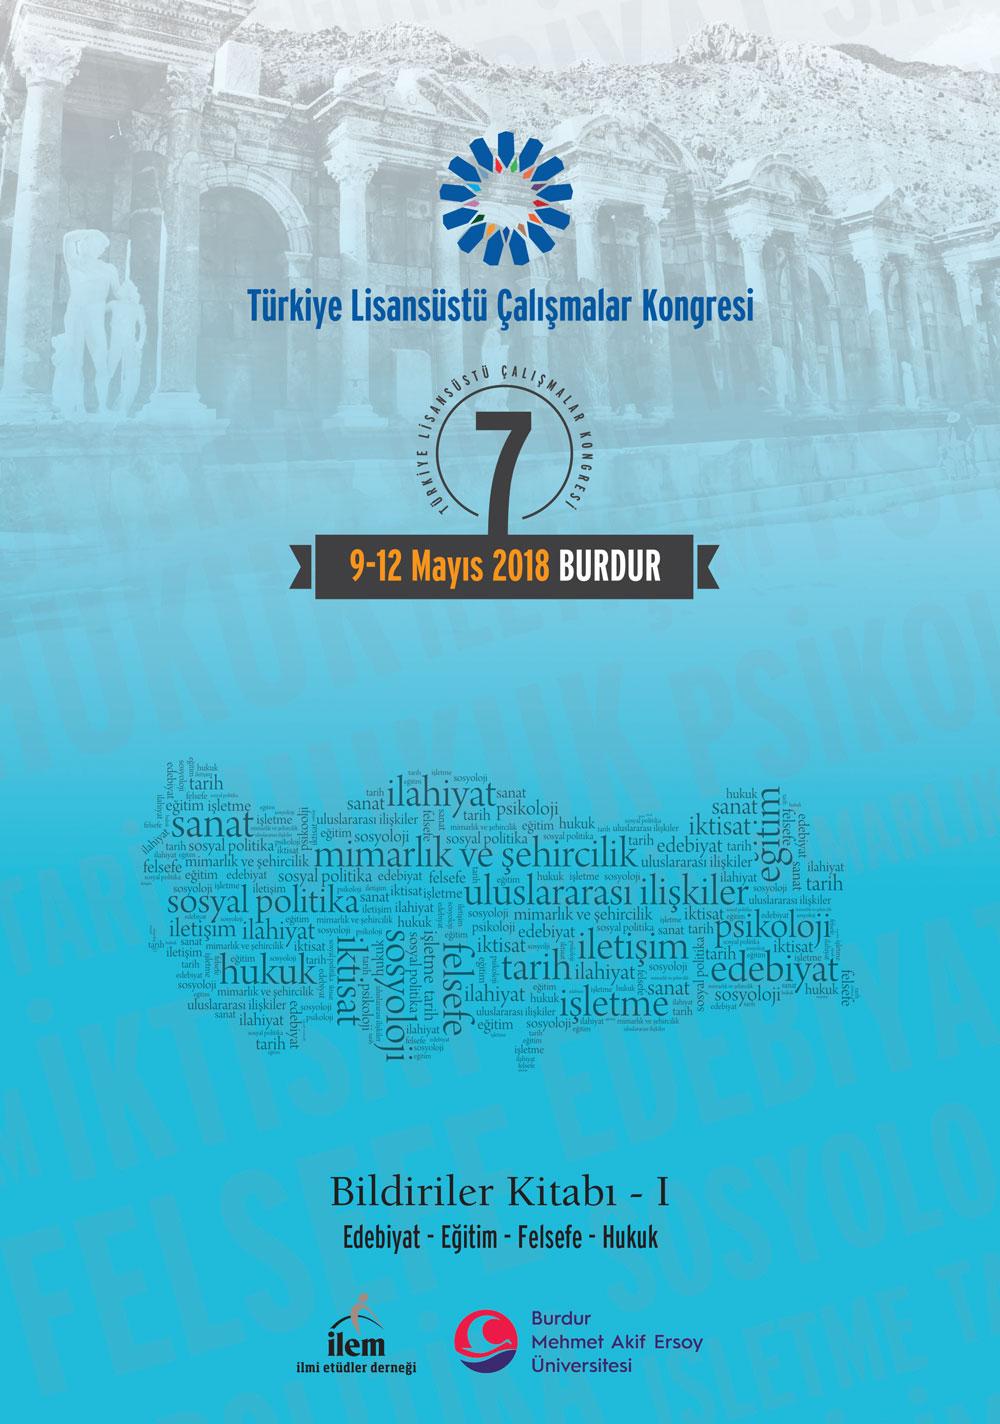 7. Türkiye Lisansüstü Çalışmalar Kongresi Bildiriler Kitabı